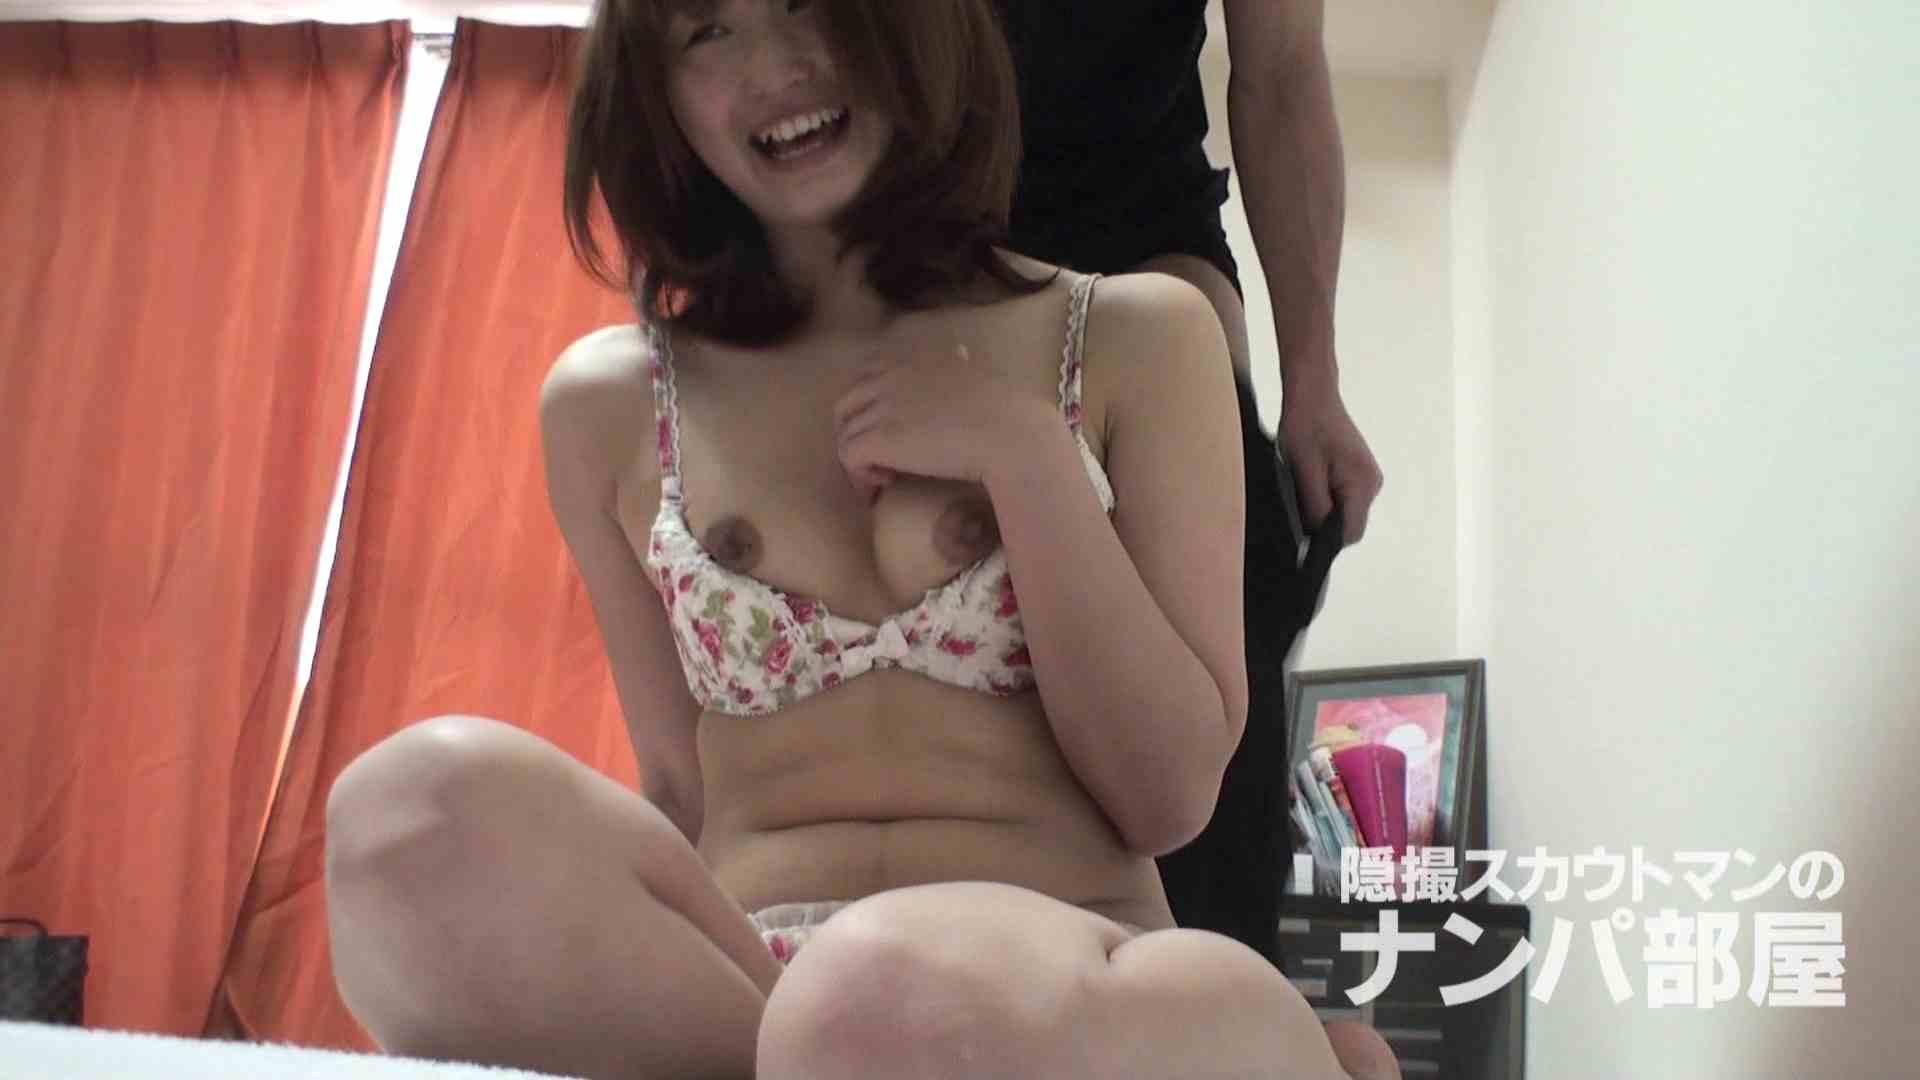 おまんこ丸見え:隠撮スカウトマンのナンパ部屋~風俗デビュー前のつまみ食い~ siivol.2:大奥